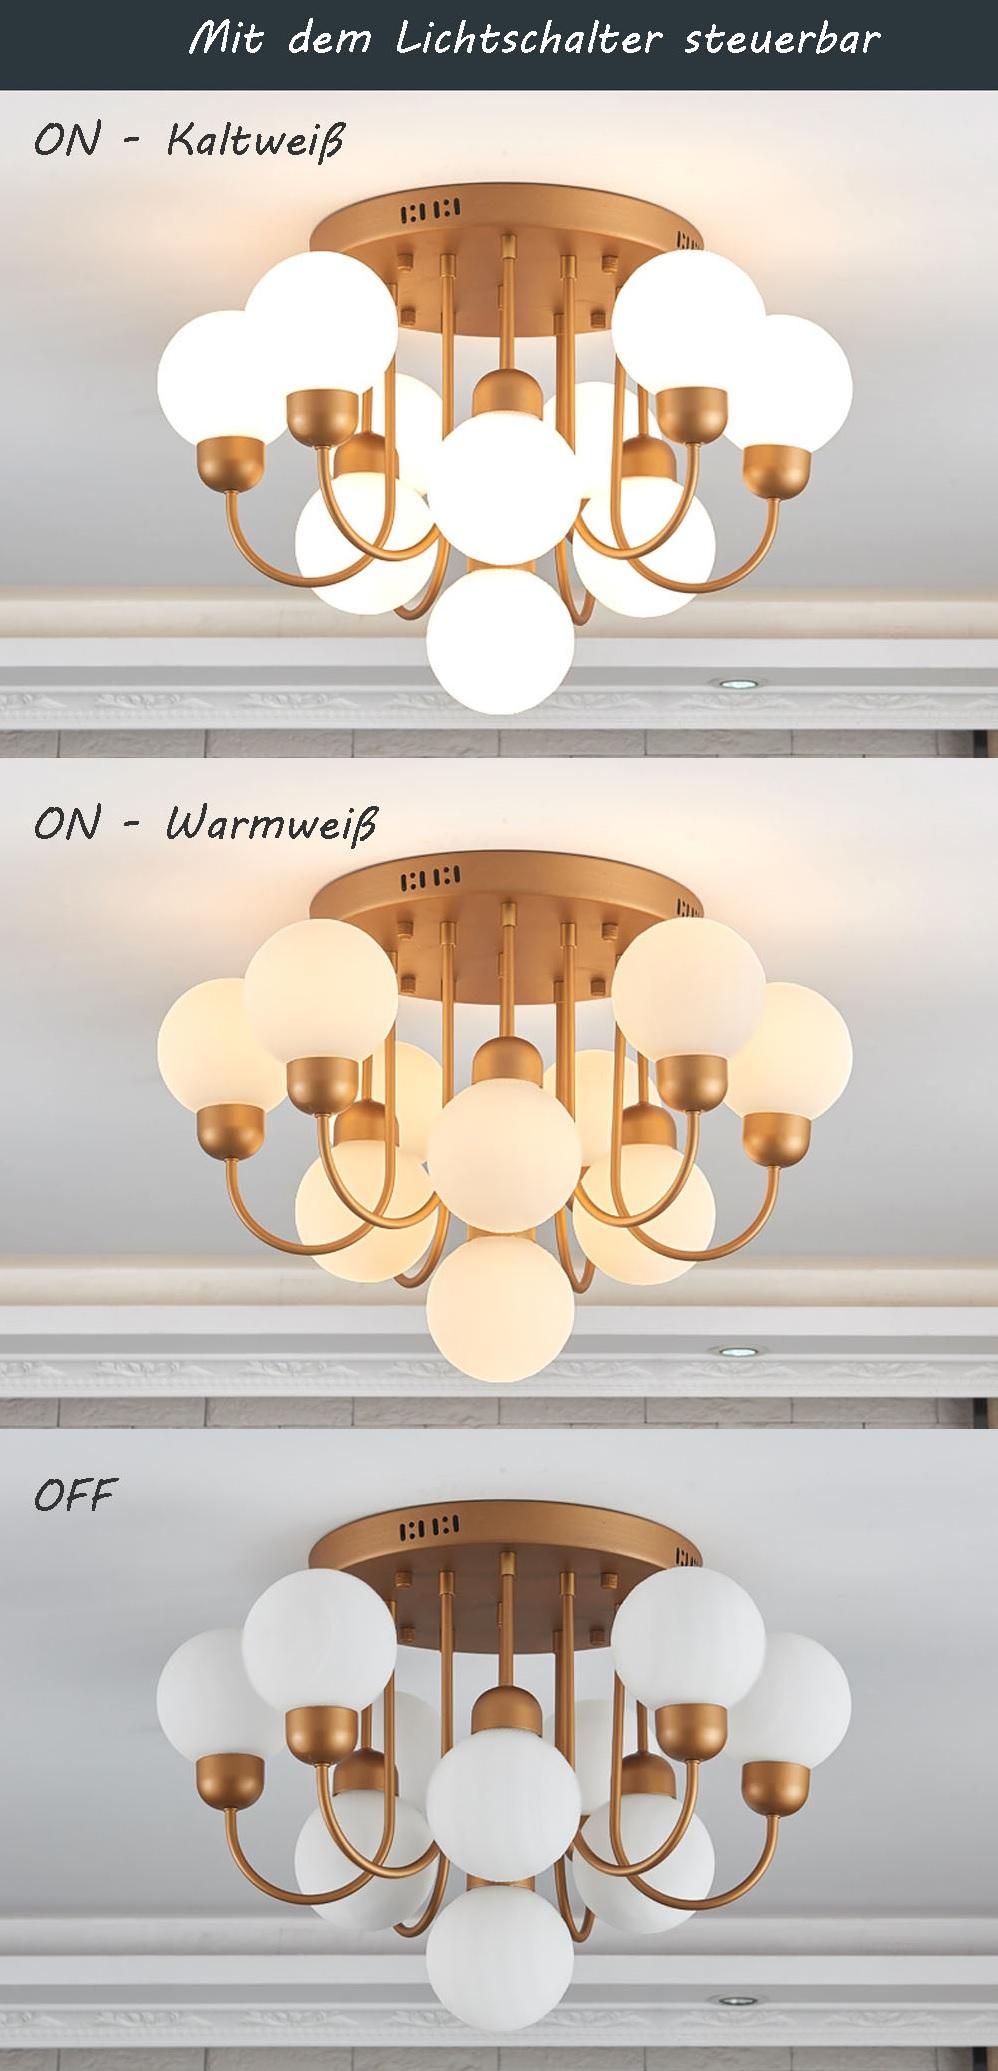 deckenlampe xw818 fassung e14 luxuri s neu l ster deckenleuchte leuchte h ngend ebay. Black Bedroom Furniture Sets. Home Design Ideas